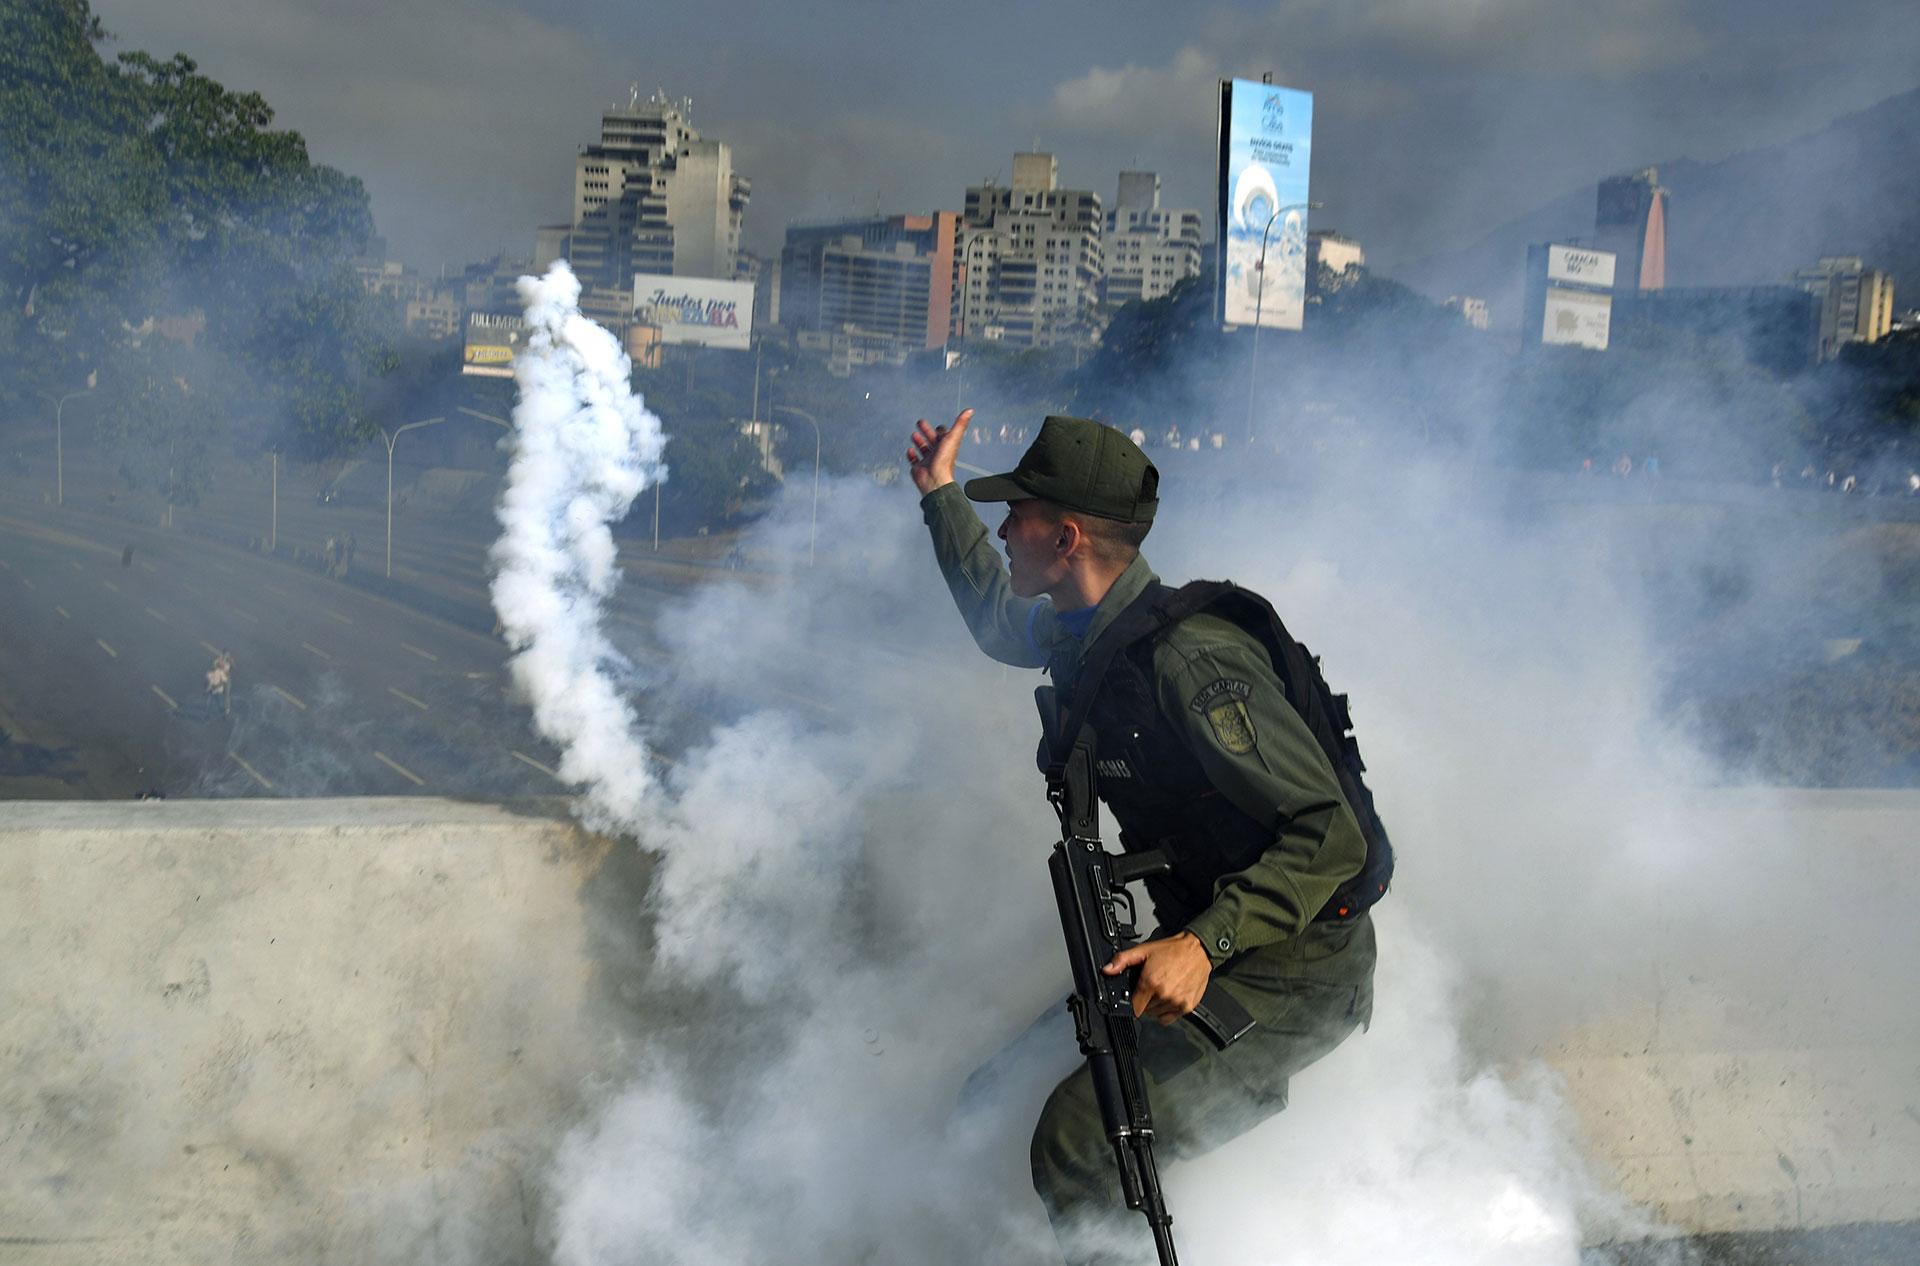 Un miembro de la Guardia Nacional Bolivariana que apoya al presidenteinterino Juan Guaidó lanza una lata de gas lacrimógeno durante un enfrentamiento con guardias leales al régimen de Nicolás Maduro frente a la base militar La Carlota.